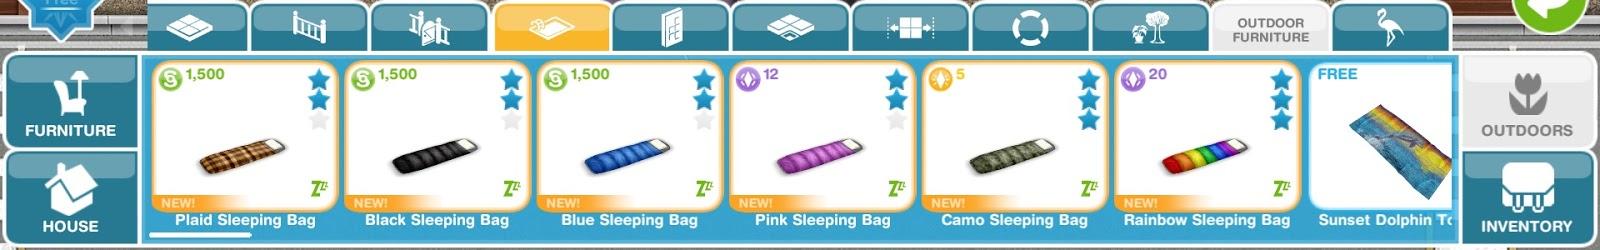 Sleeping Bags Living Room